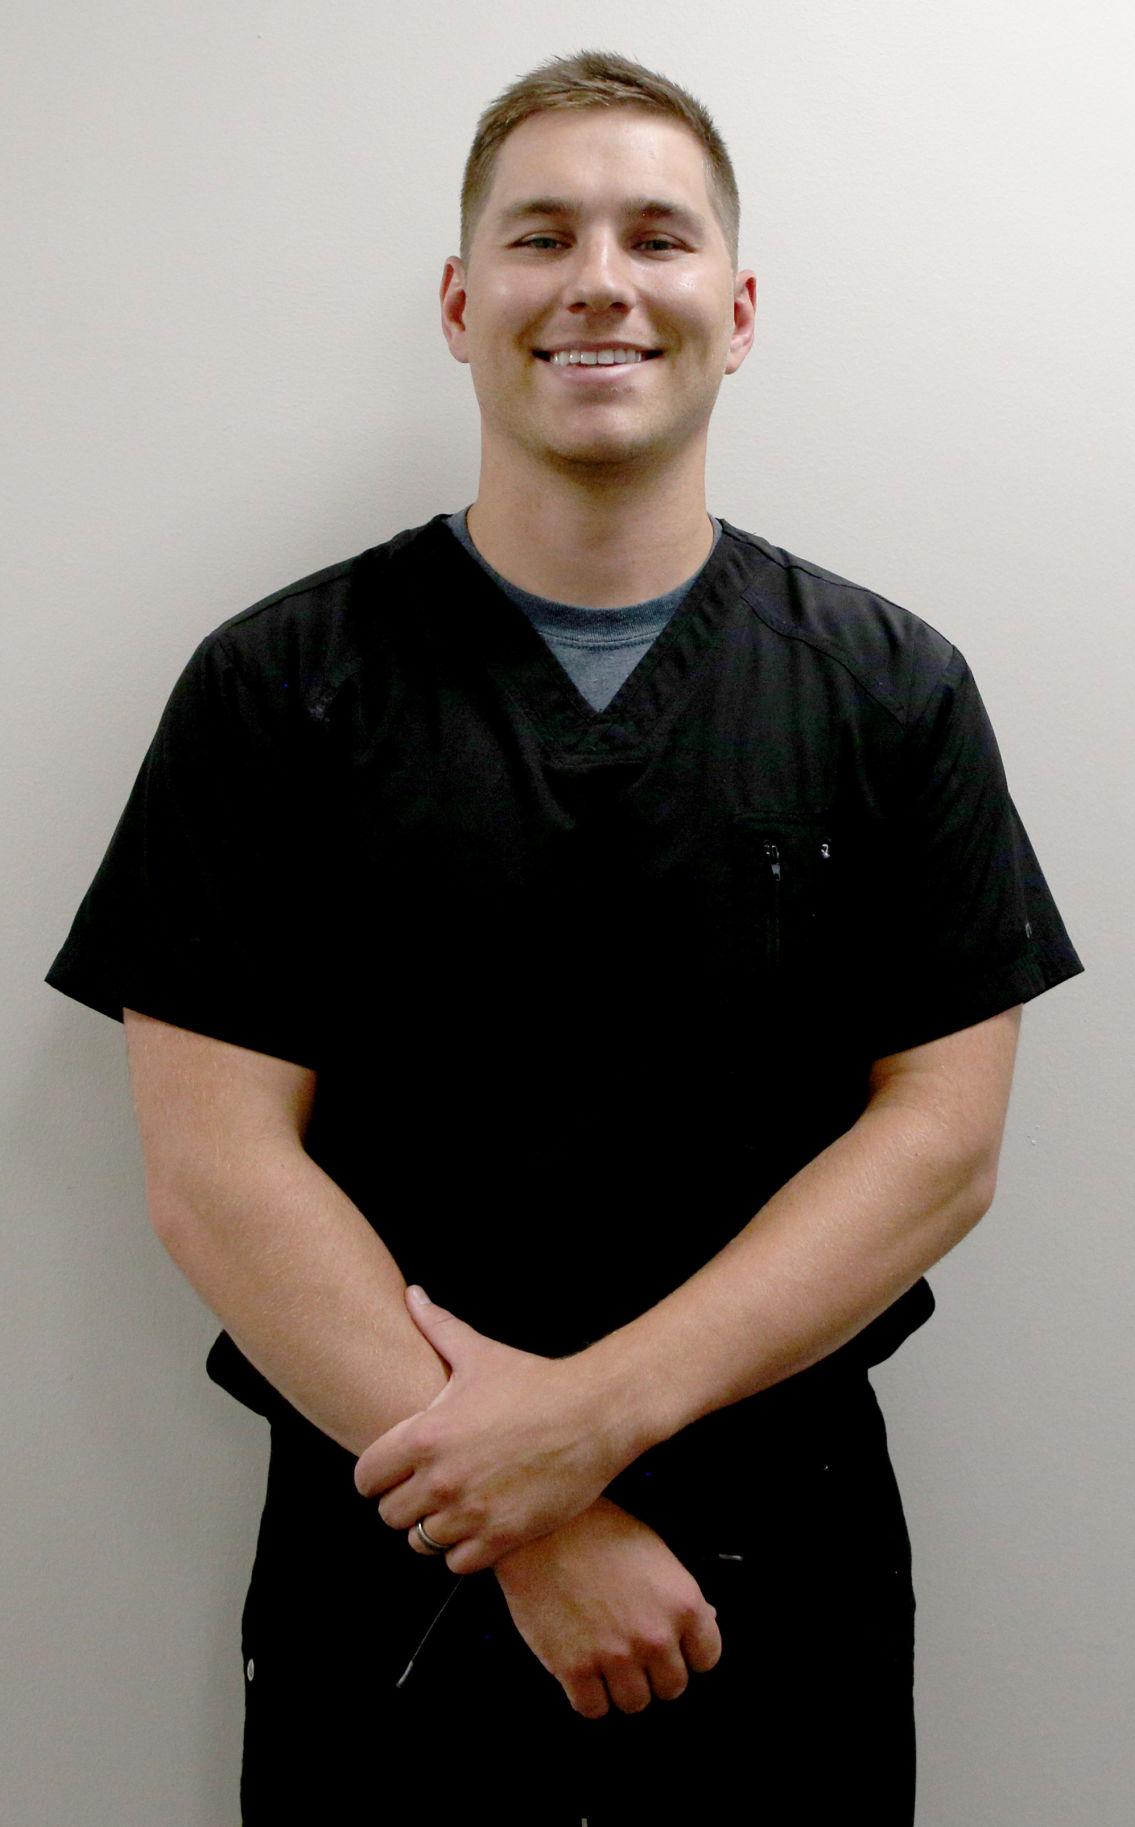 manning dental5 20-07-08